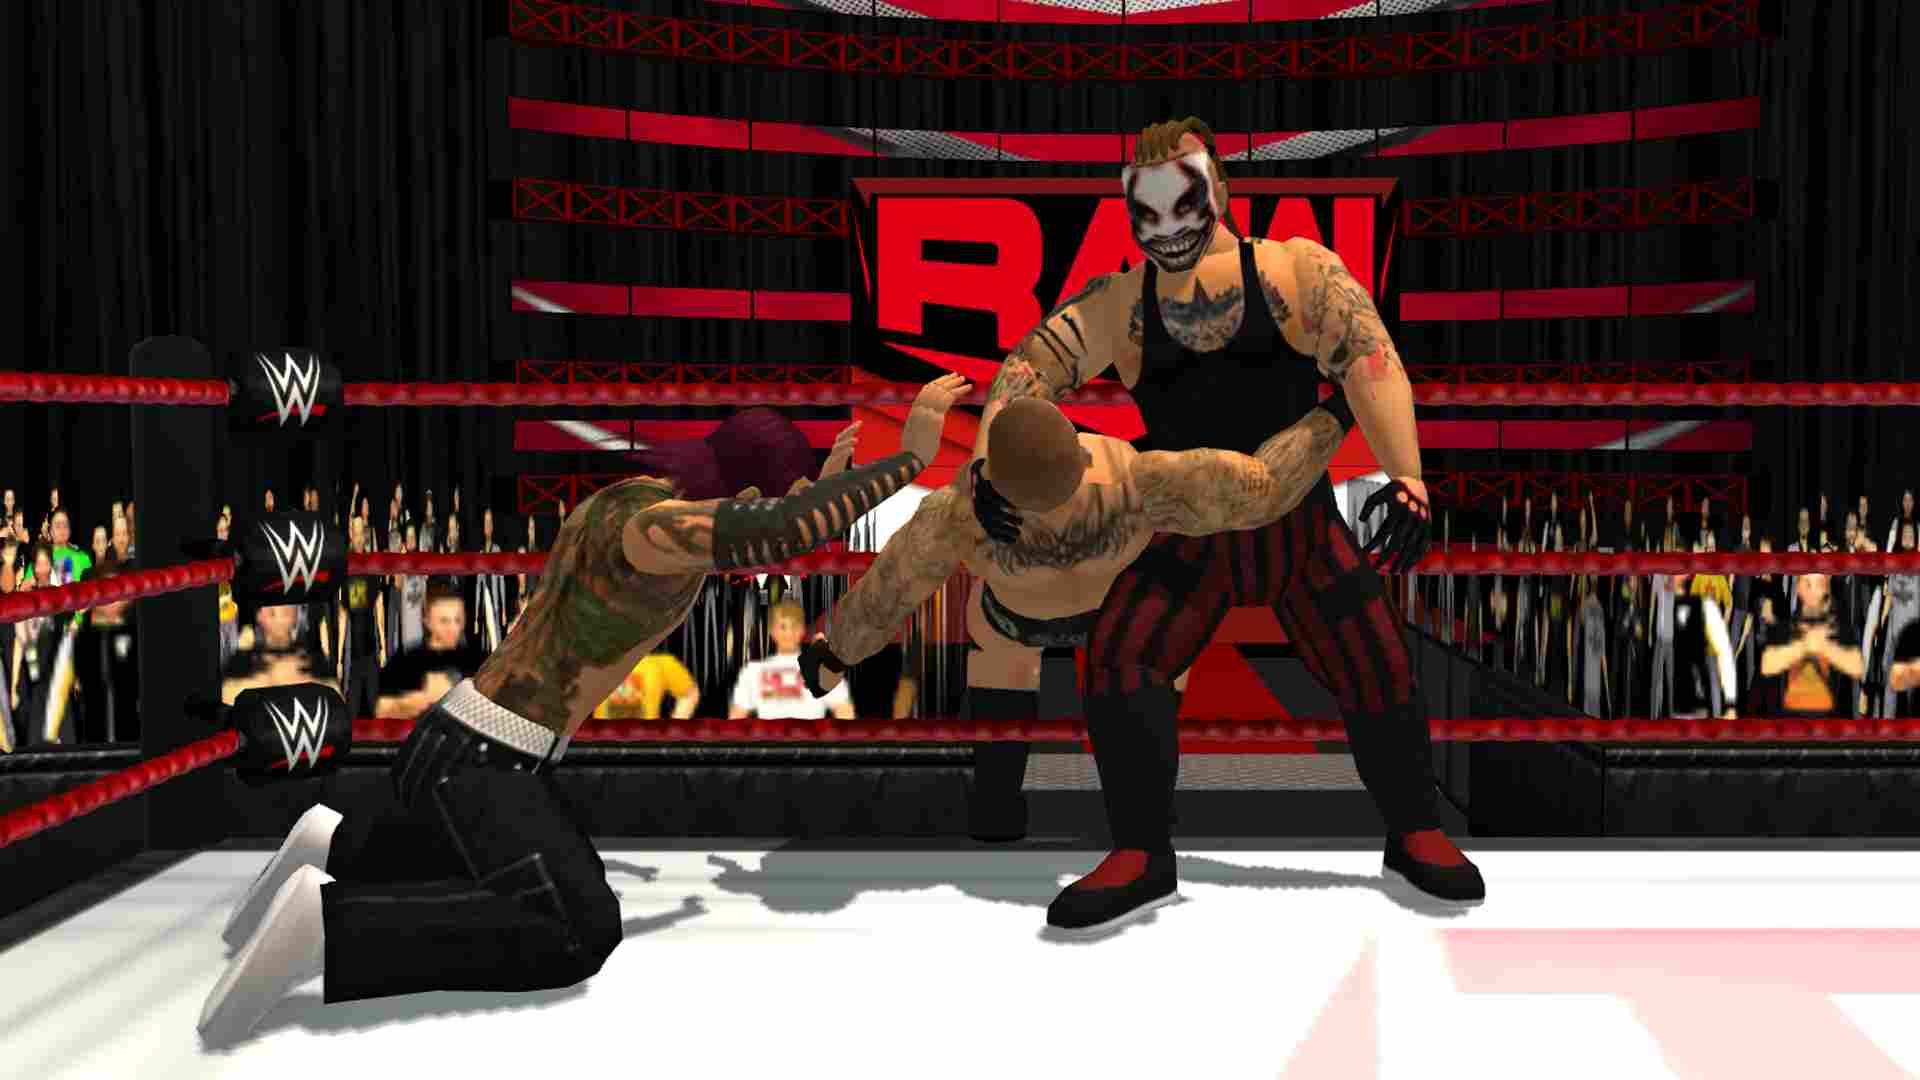 game Wrestling Revolution 3D mod hack